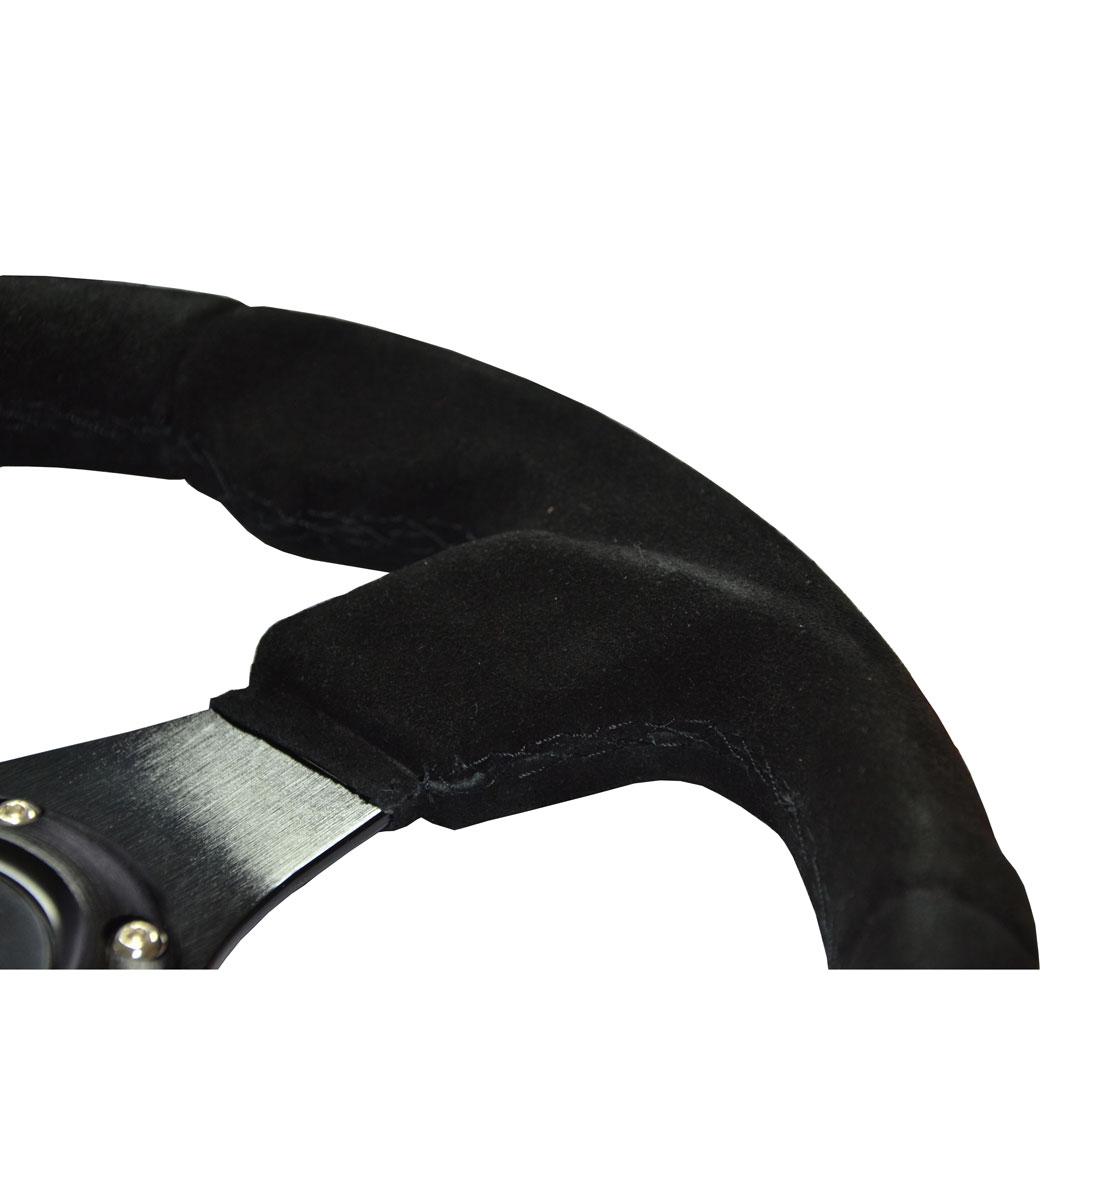 PRO Flat Steering Wheel